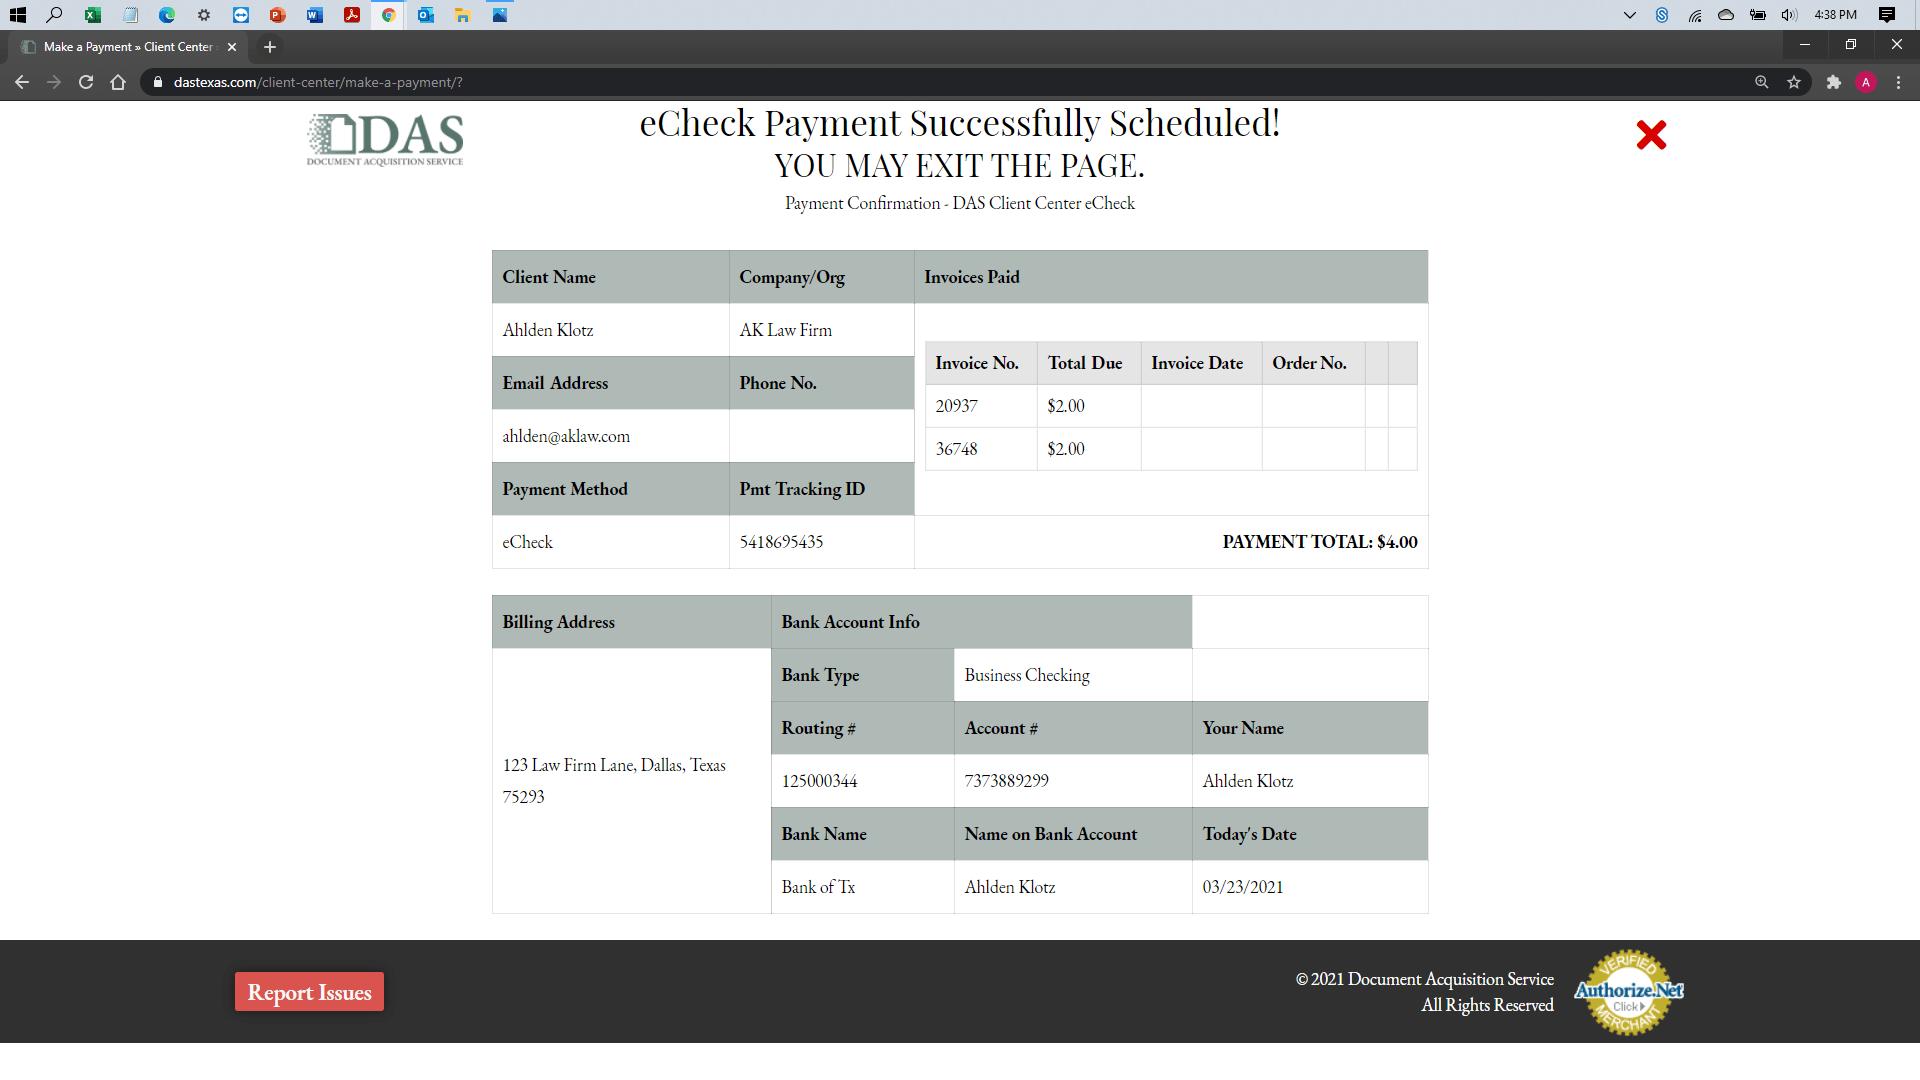 [help docs] Make a Payment - eCheck -Confirmation